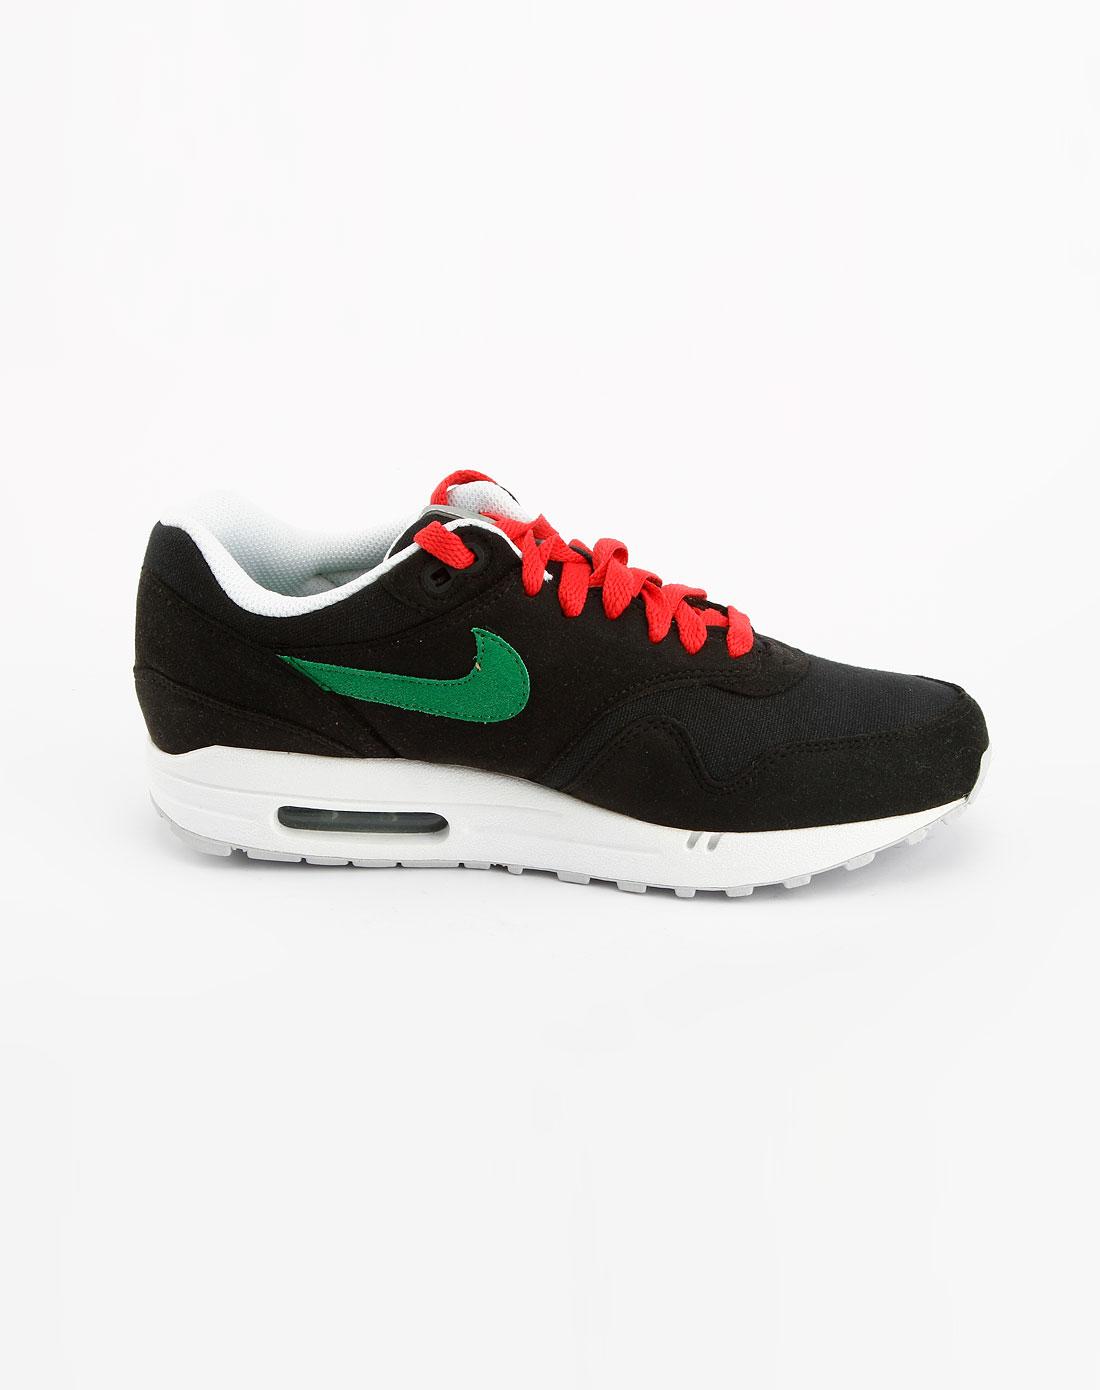 耐克nike黑/绿/白色气垫运动鞋